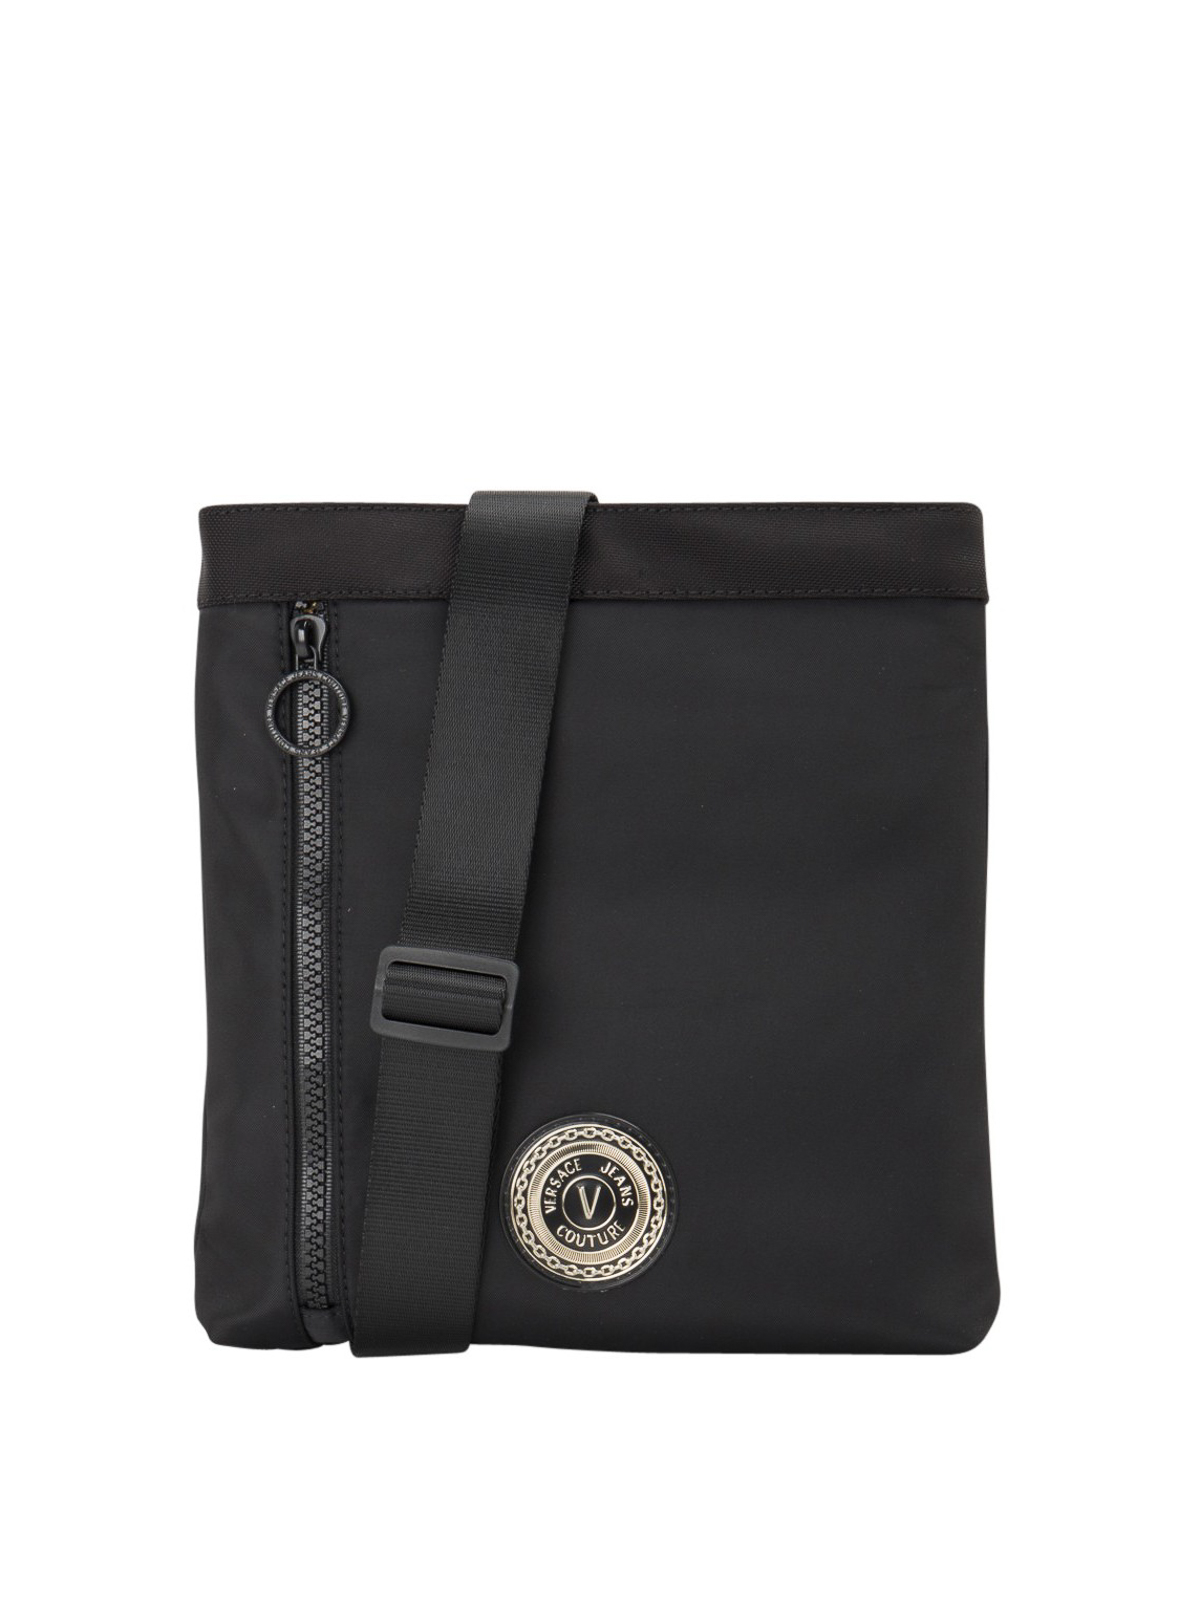 Versace Jeans Couture ZIP POCKET CROSSBODY BAG